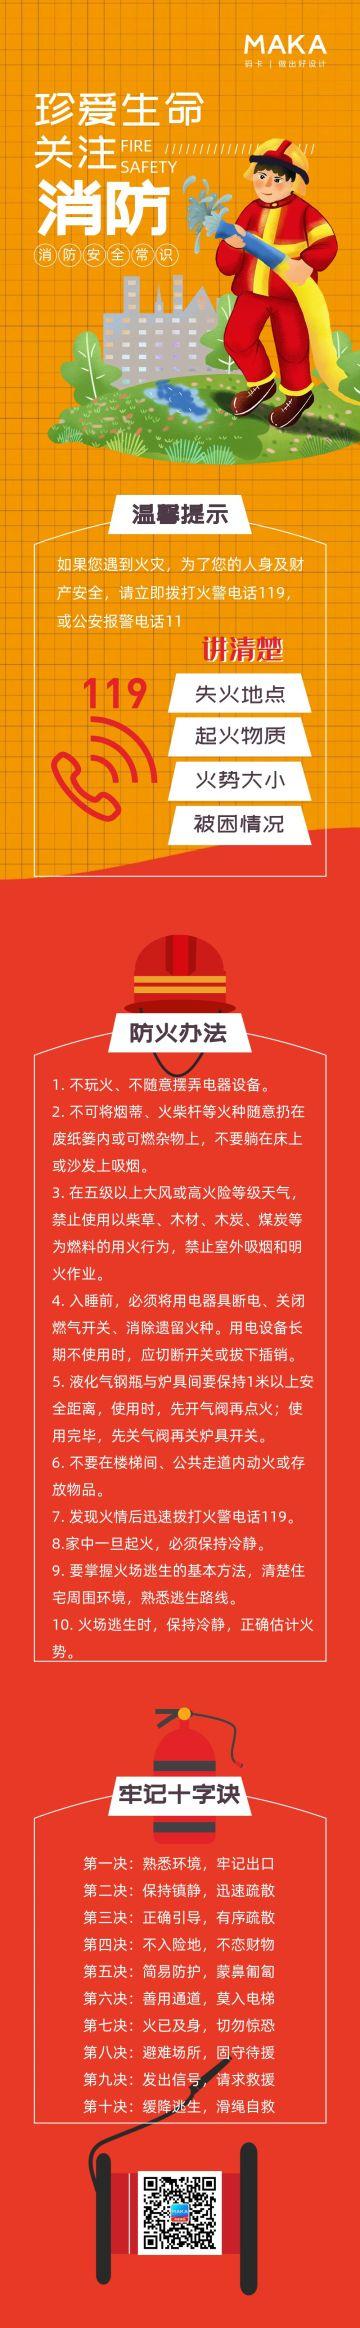 红黄简约插画风格消防宣传日知识科普文章长图